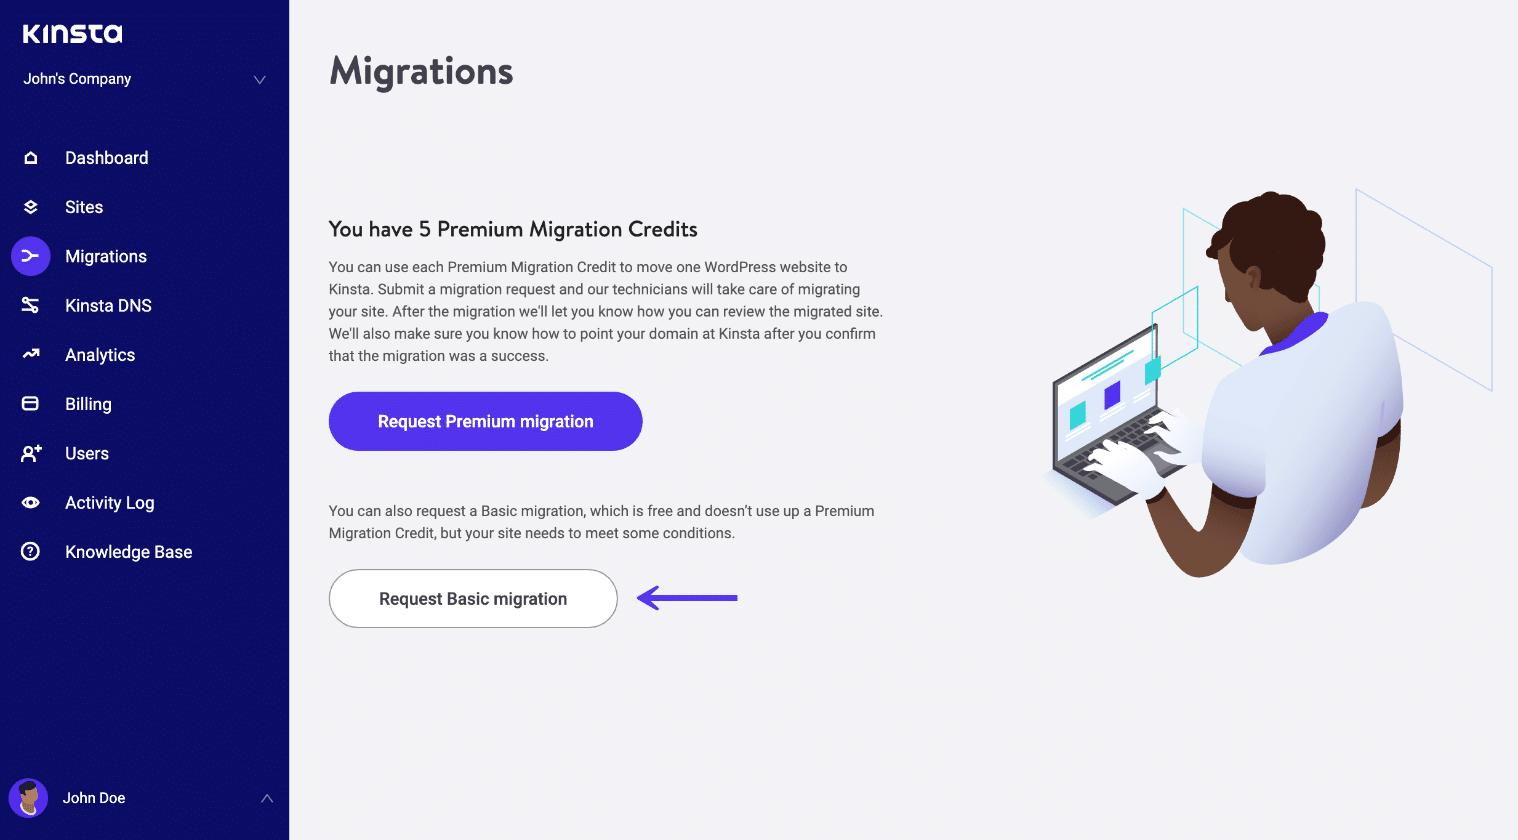 Solicitar migración básica a WordPress